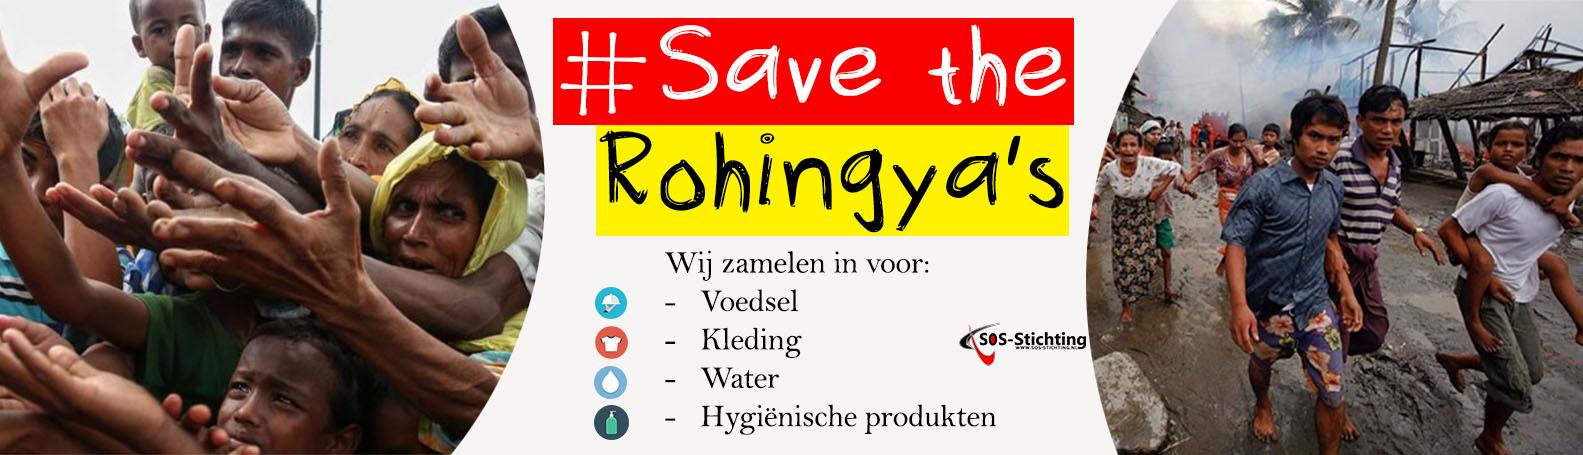 website banner Rohingha